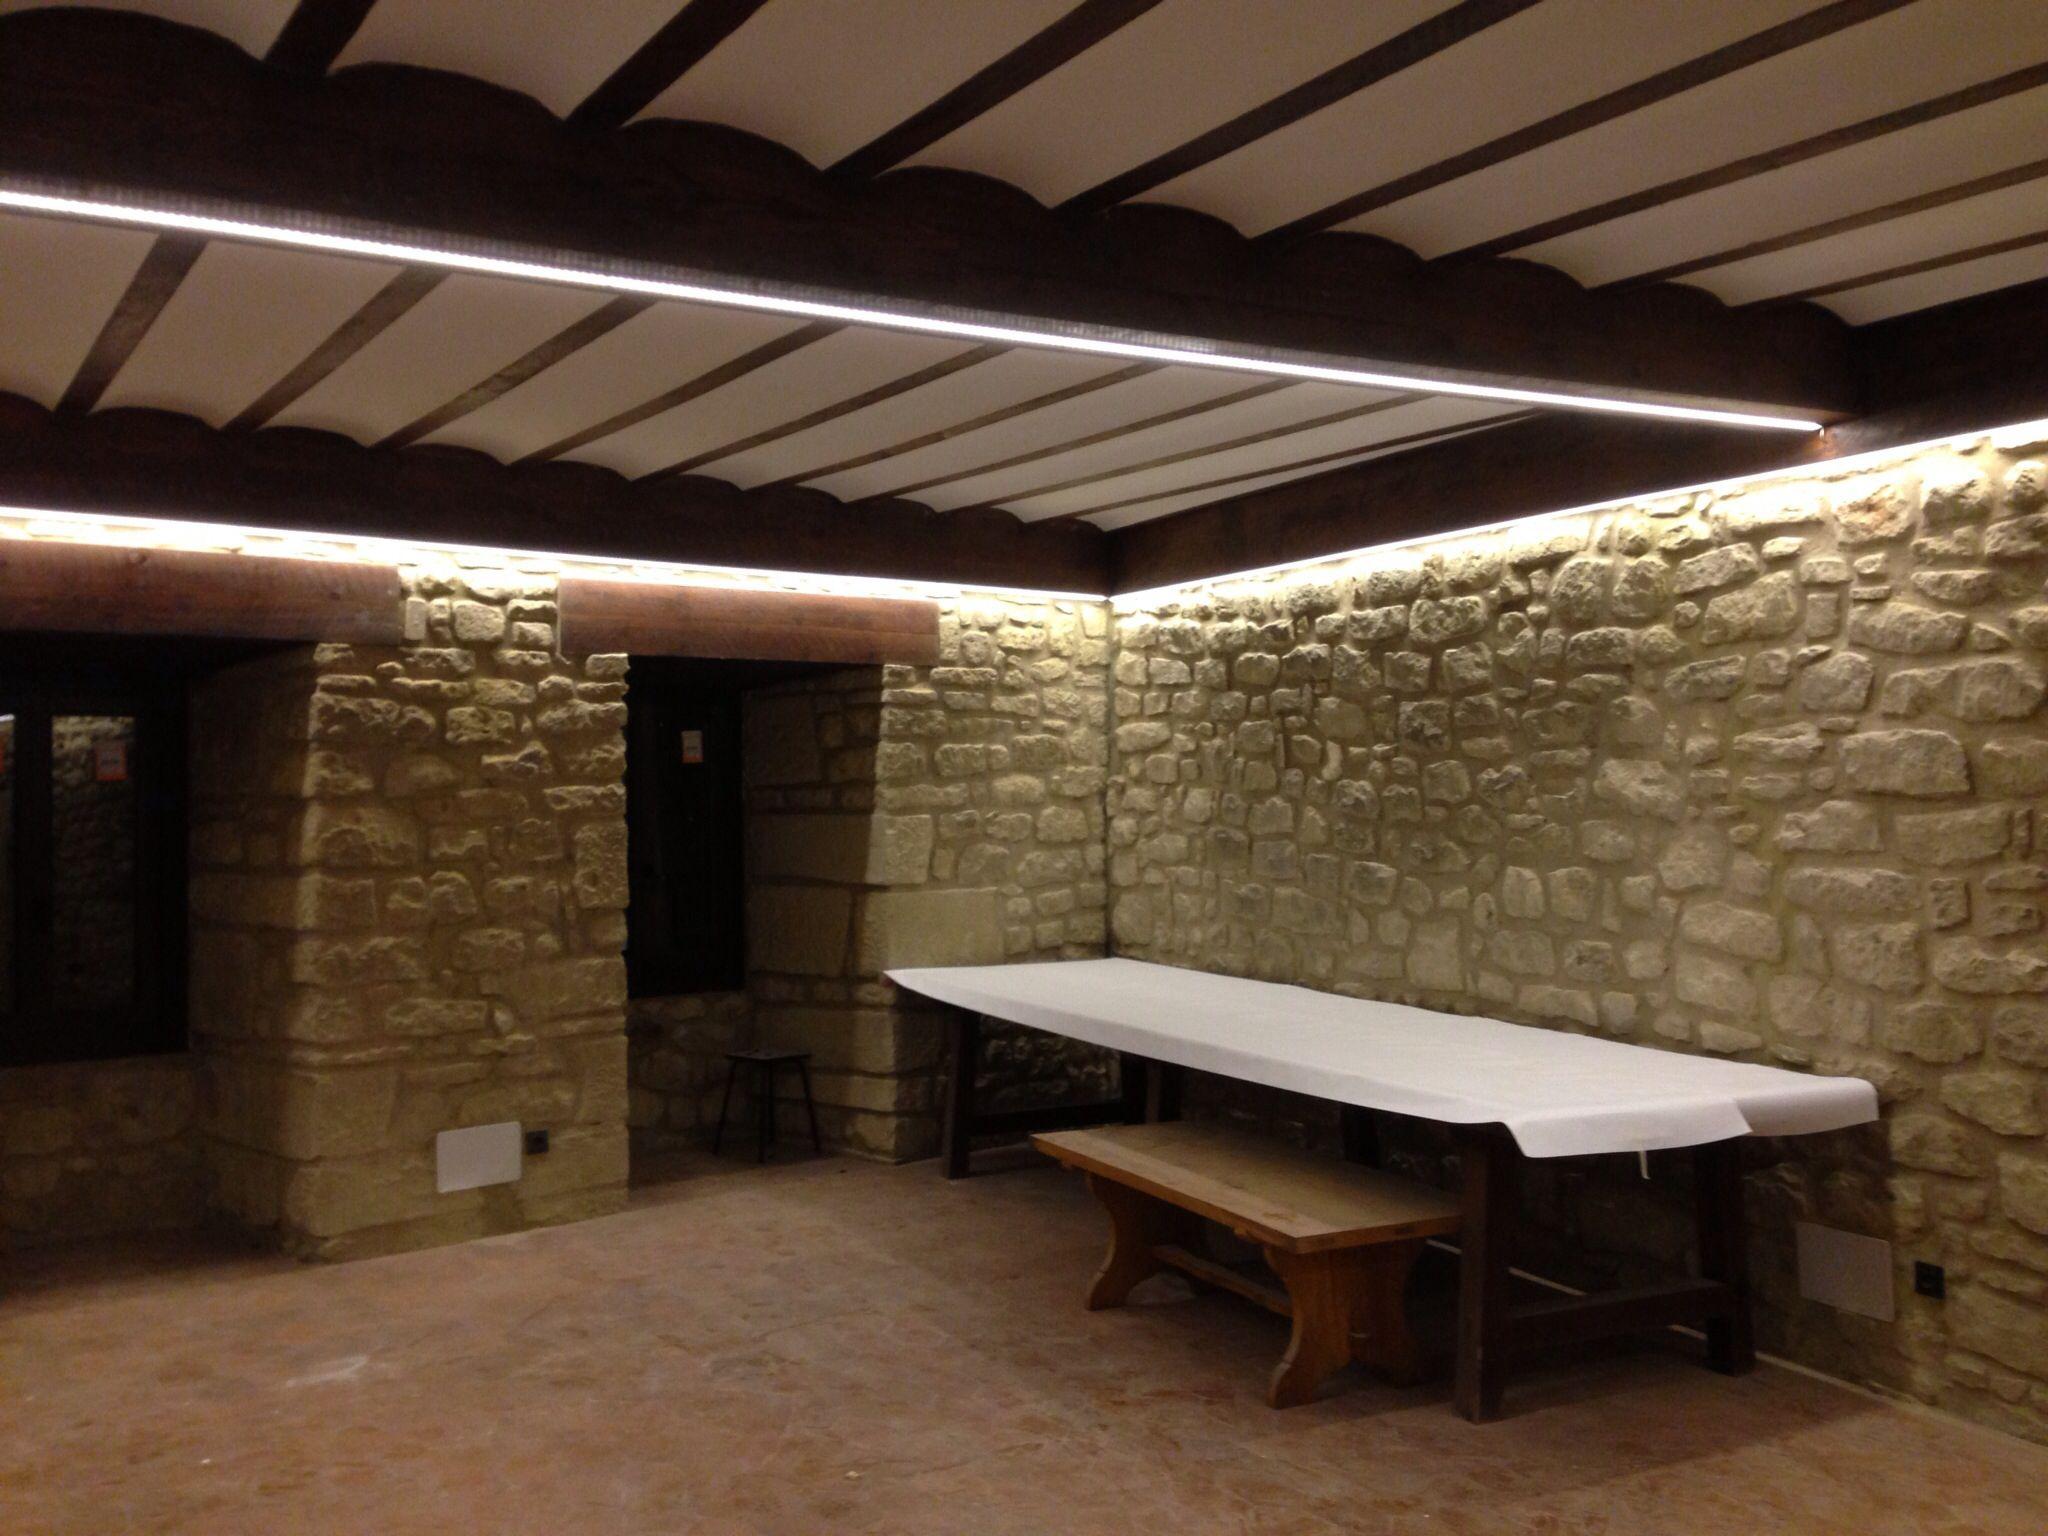 Txoko de paredes de piedra y vigas de madera iluminado - Plafones de led ...